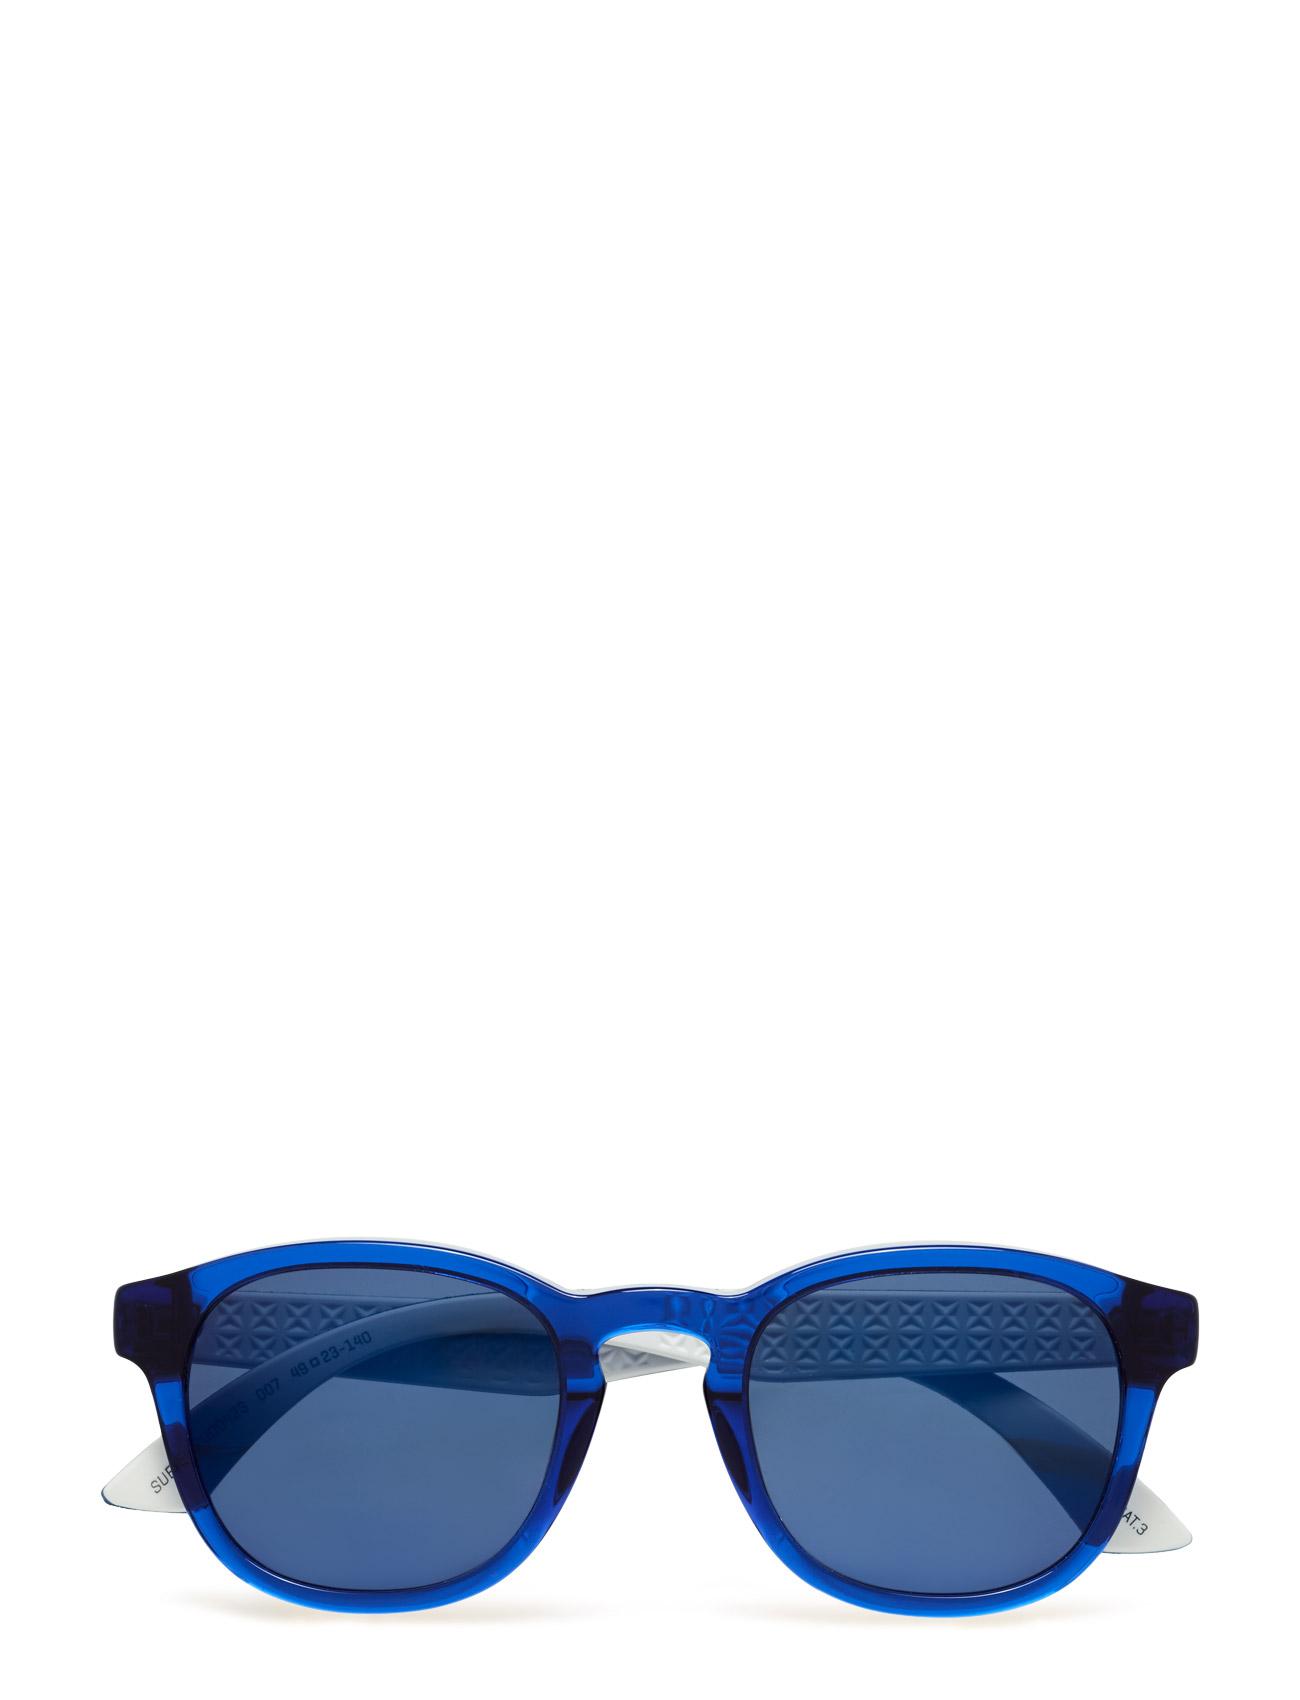 Pu0042s Puma Solbriller til Damer i